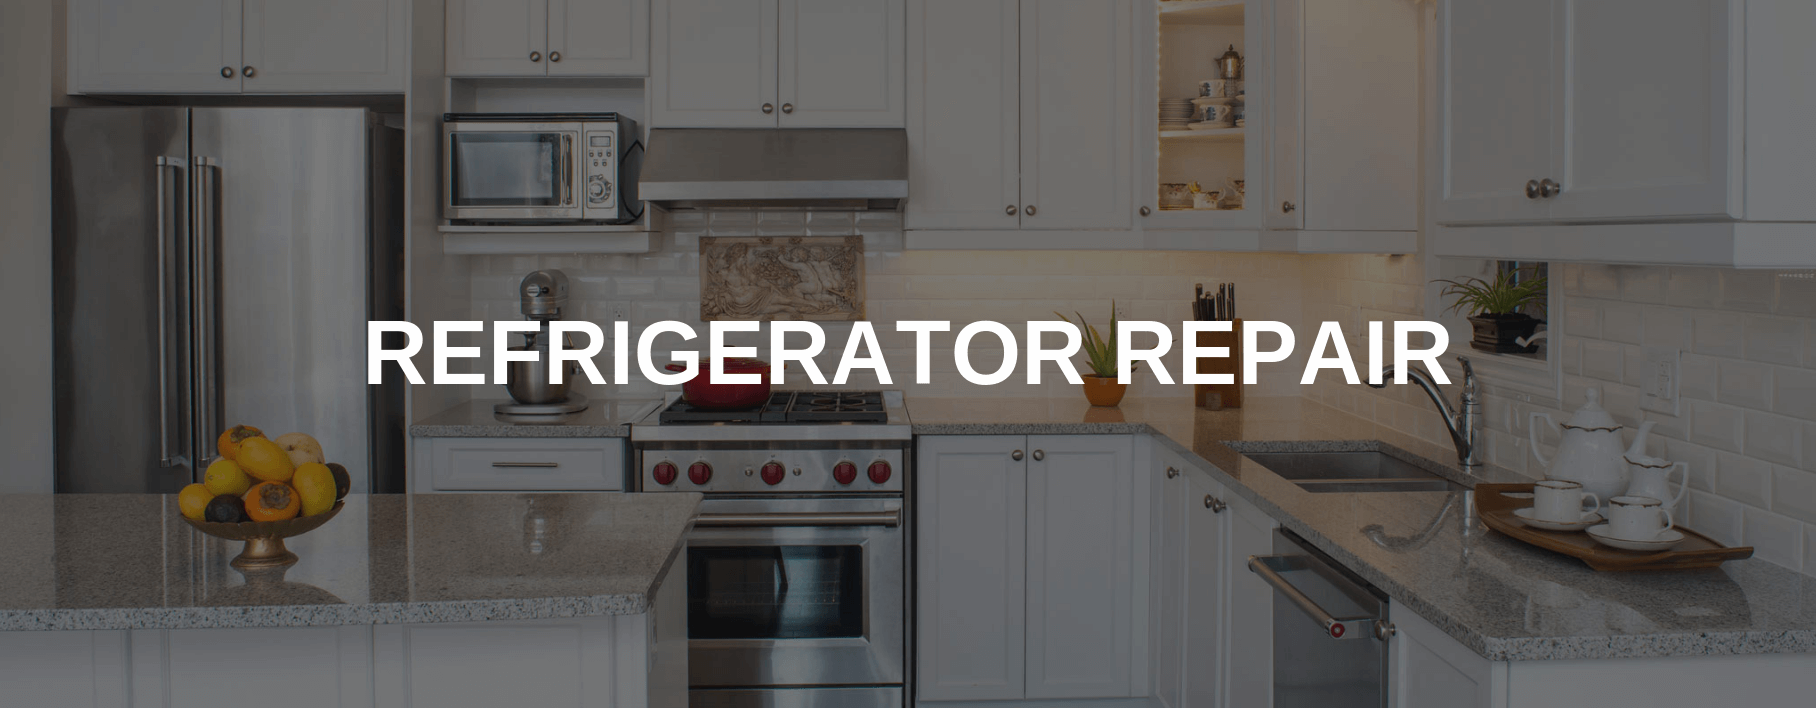 refrigerator repair glastonbury